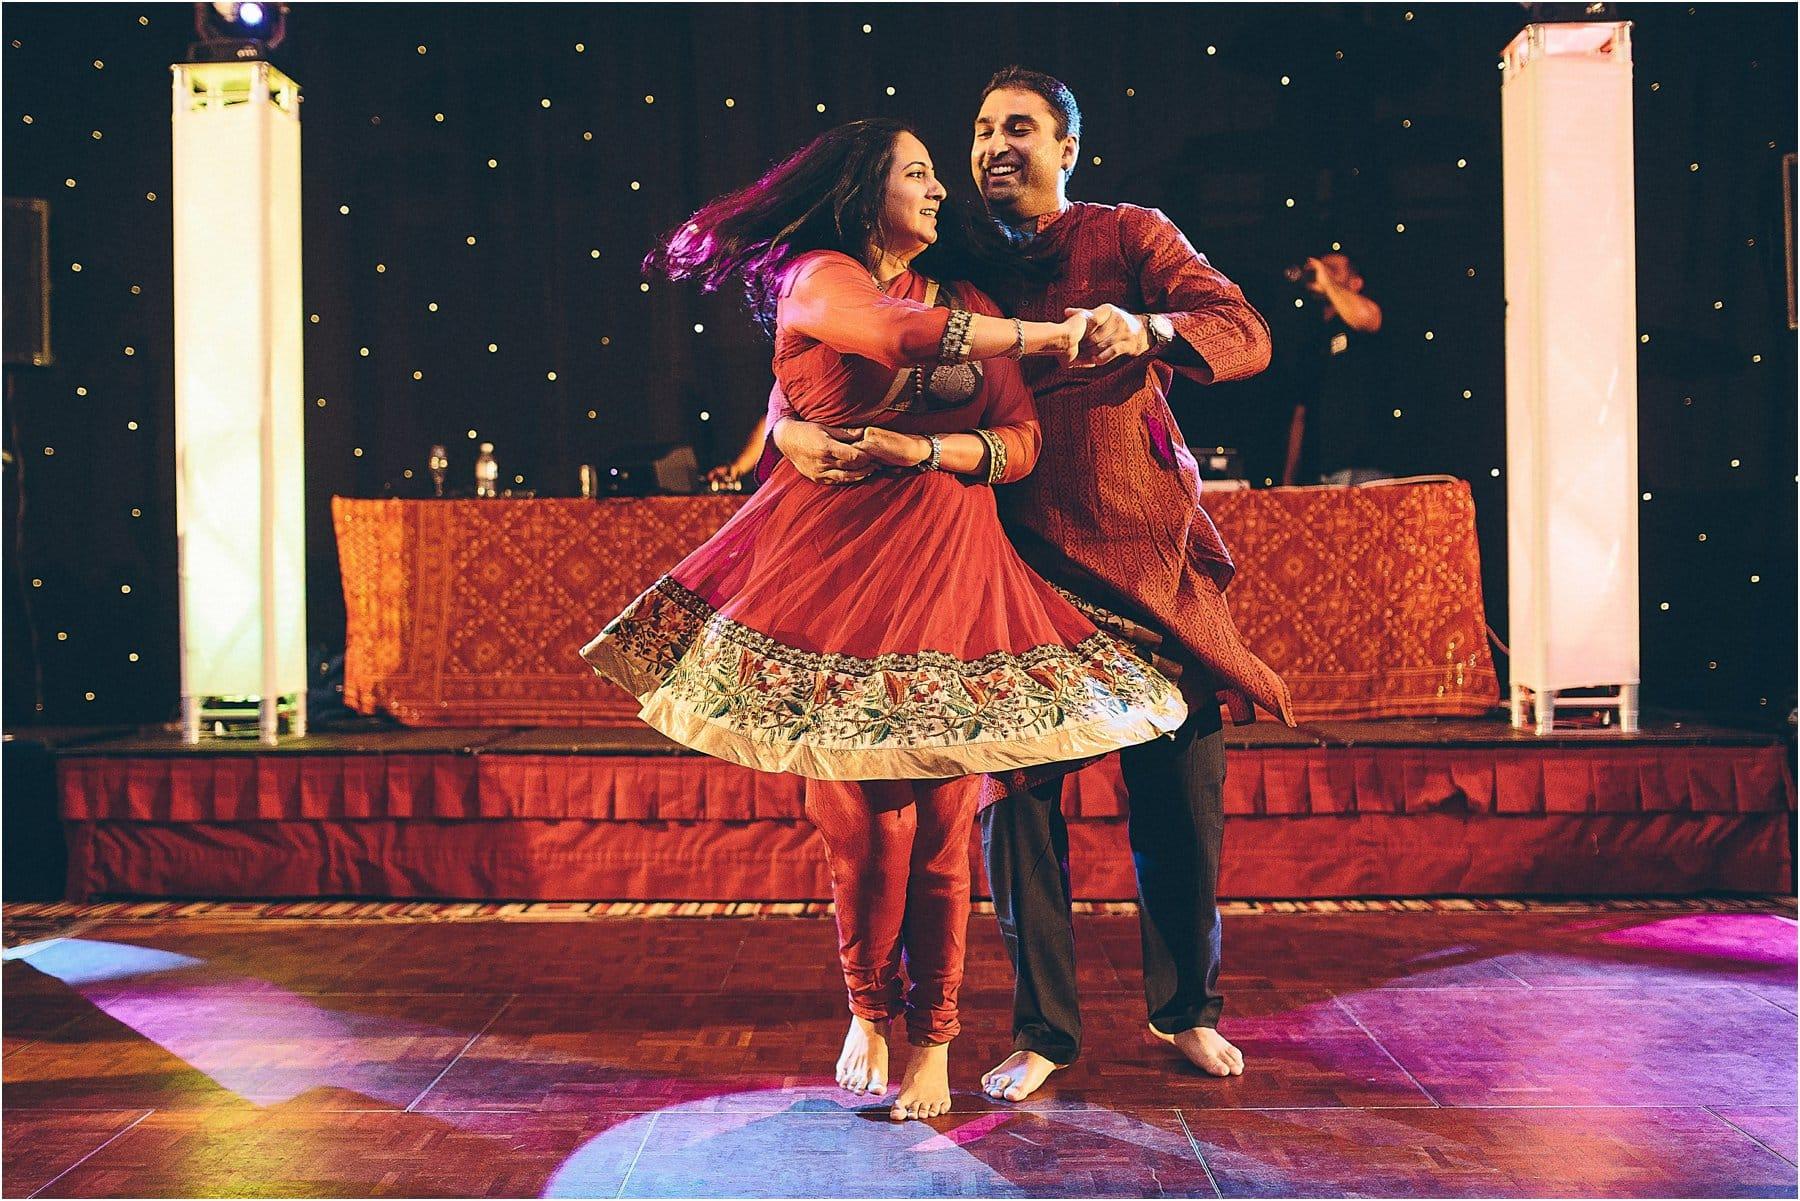 Lancashire_Indian_Wedding_Photography_0034